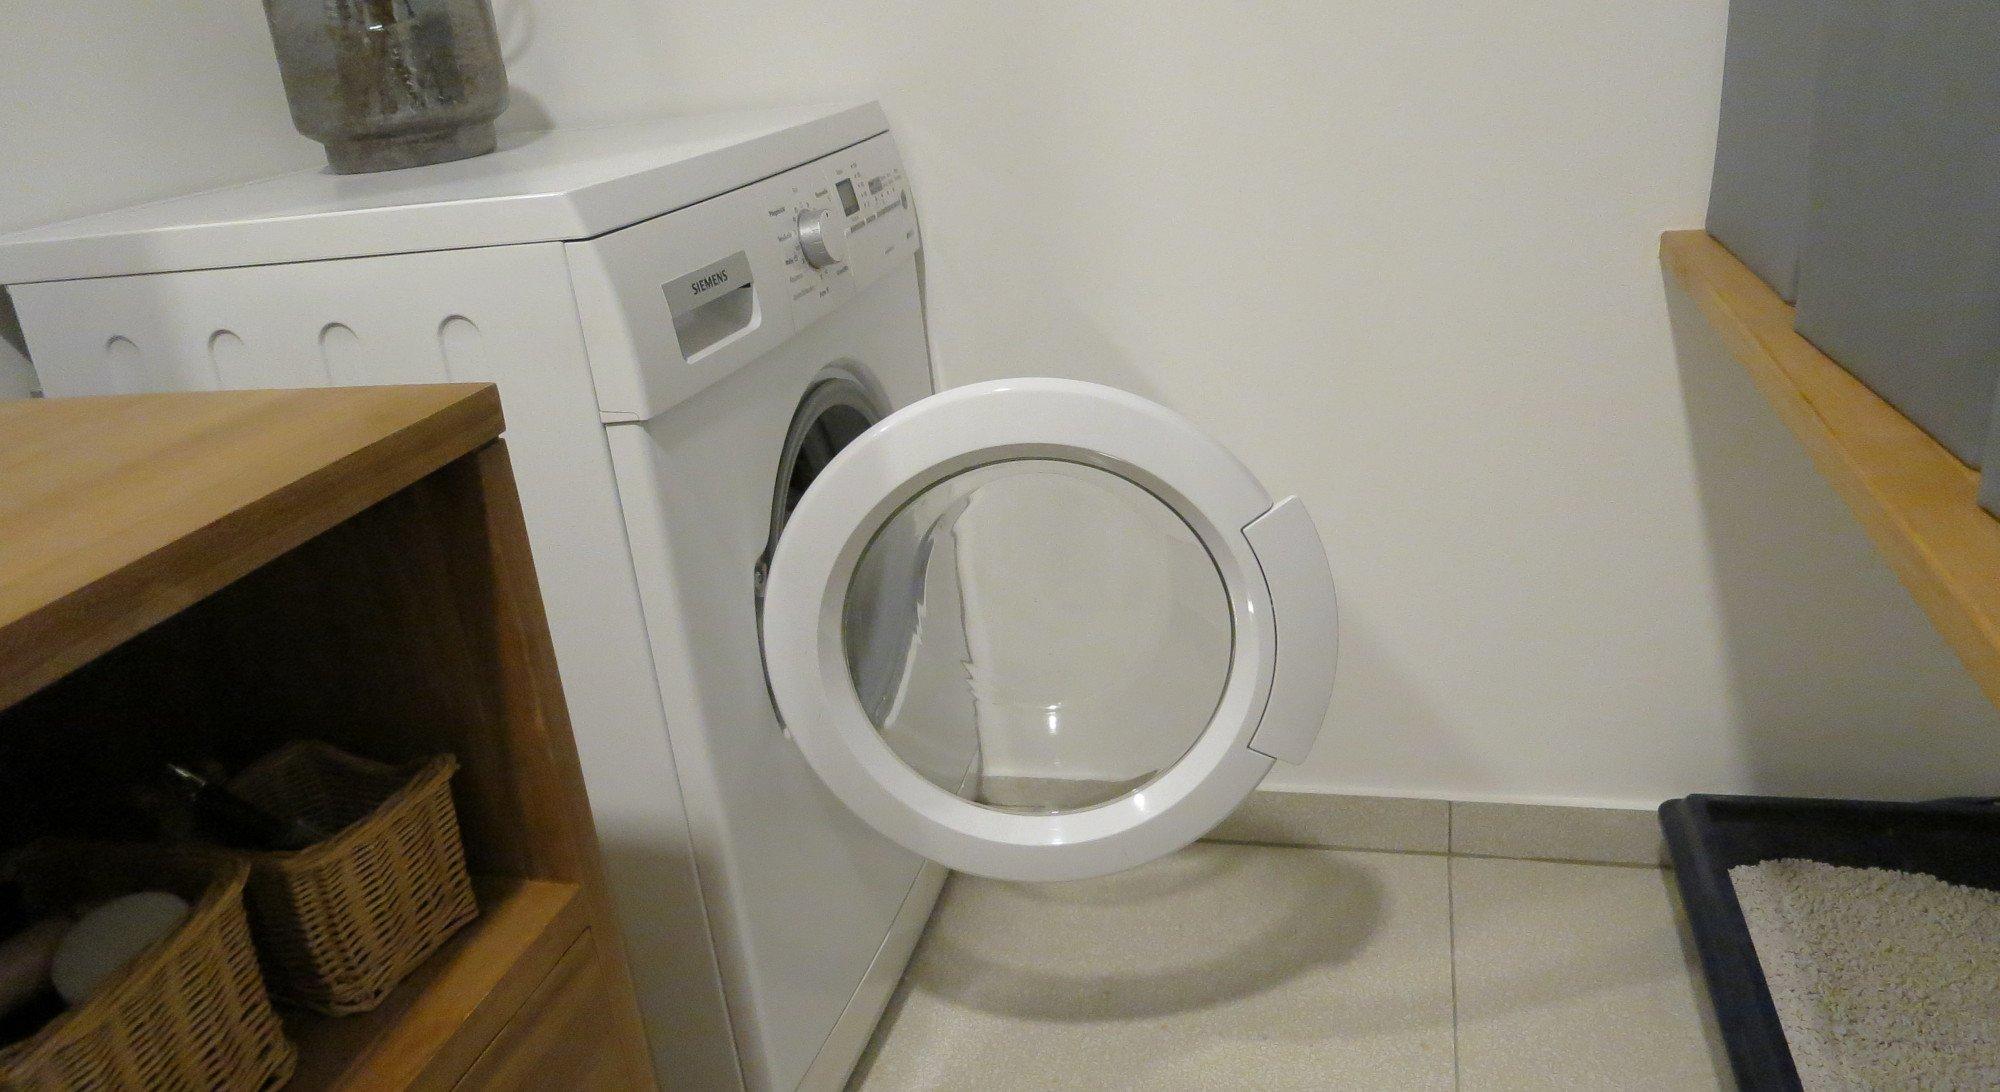 Das sieht nach mehr Platz aus, als da tatsächlich ist. Ich beuge mich immer über die Tür der Waschmaschine hinab (Bild: Peter Giesecke)